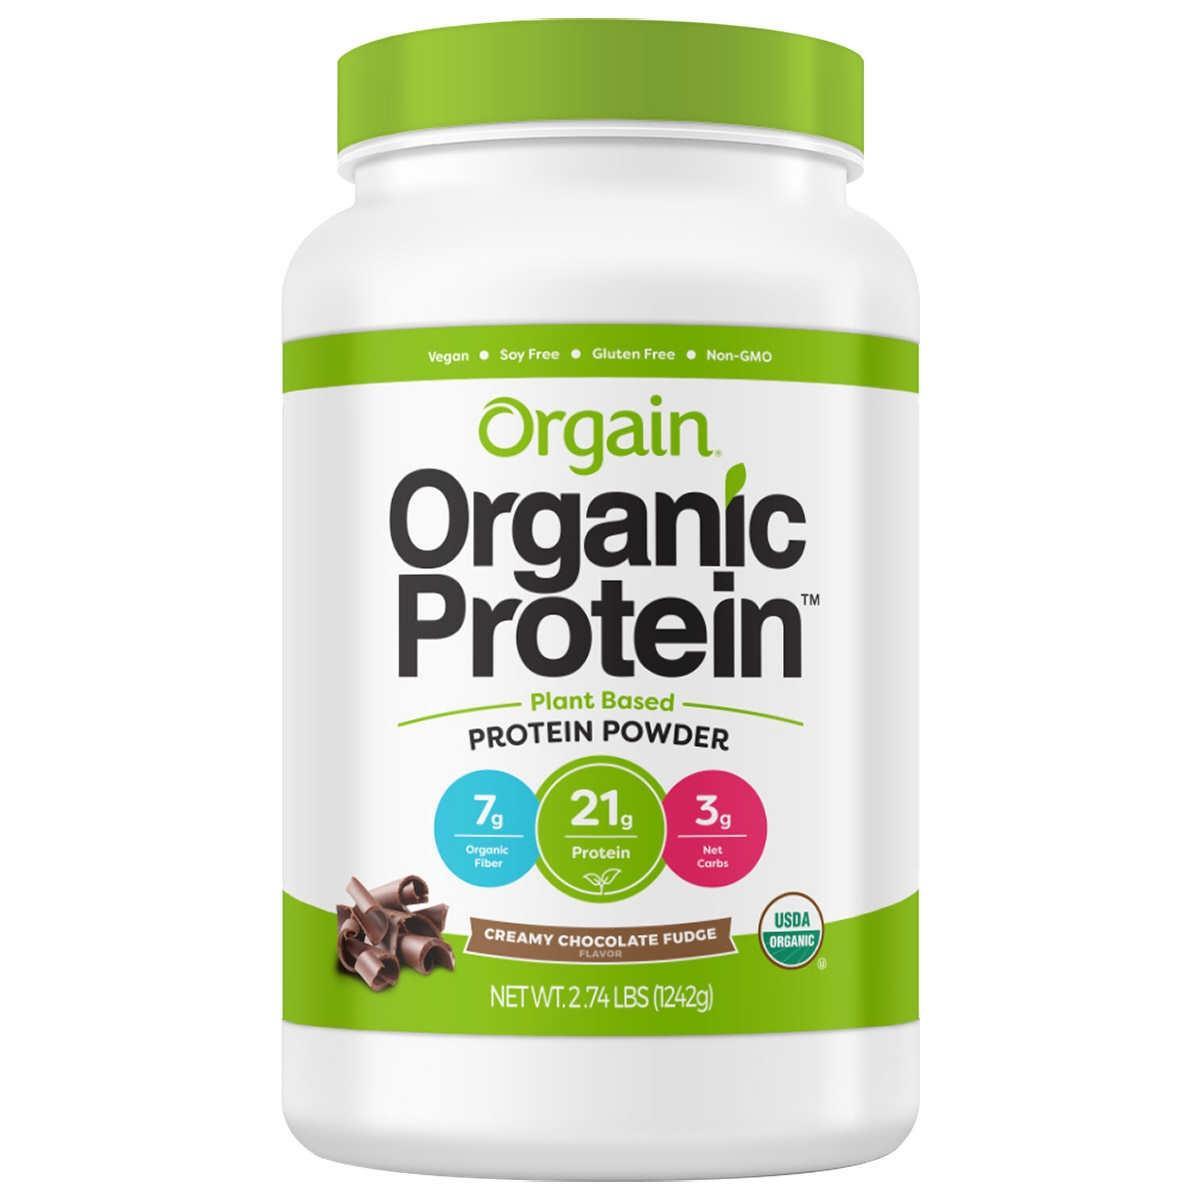 Bột đạm protein thực vật hữu cơ chocolate Orgain 1242g nhập khẩu